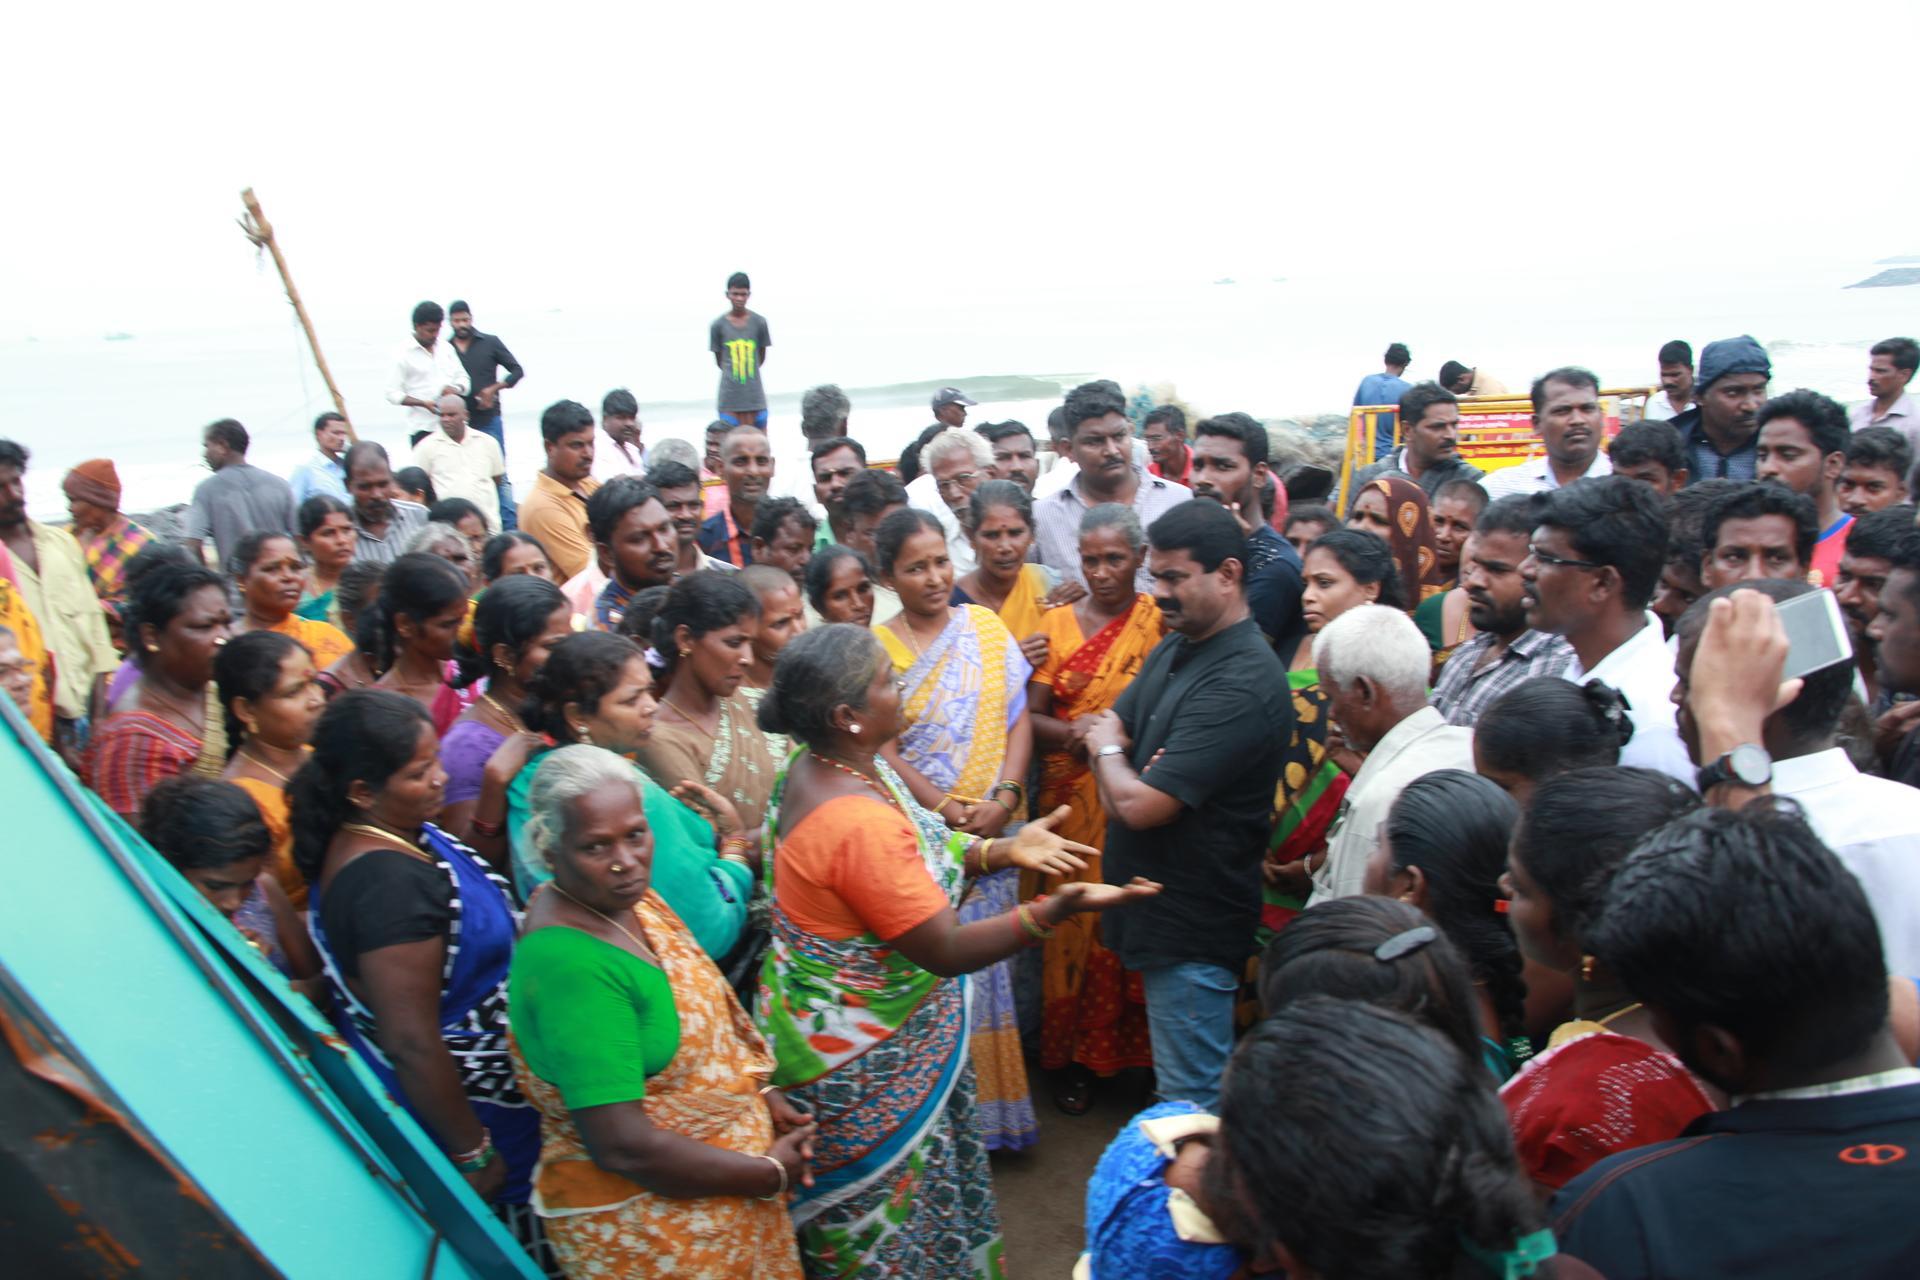 சீன எந்திரப் படகுகளுக்குத் தடைவிதிக்காவிட்டால் போராட்டம் தீவிரமடையும்! – சீமான் எச்சரிக்கை naam tamilar katchi seeman pressmeet visits thiruvotriyur house demolish13 1